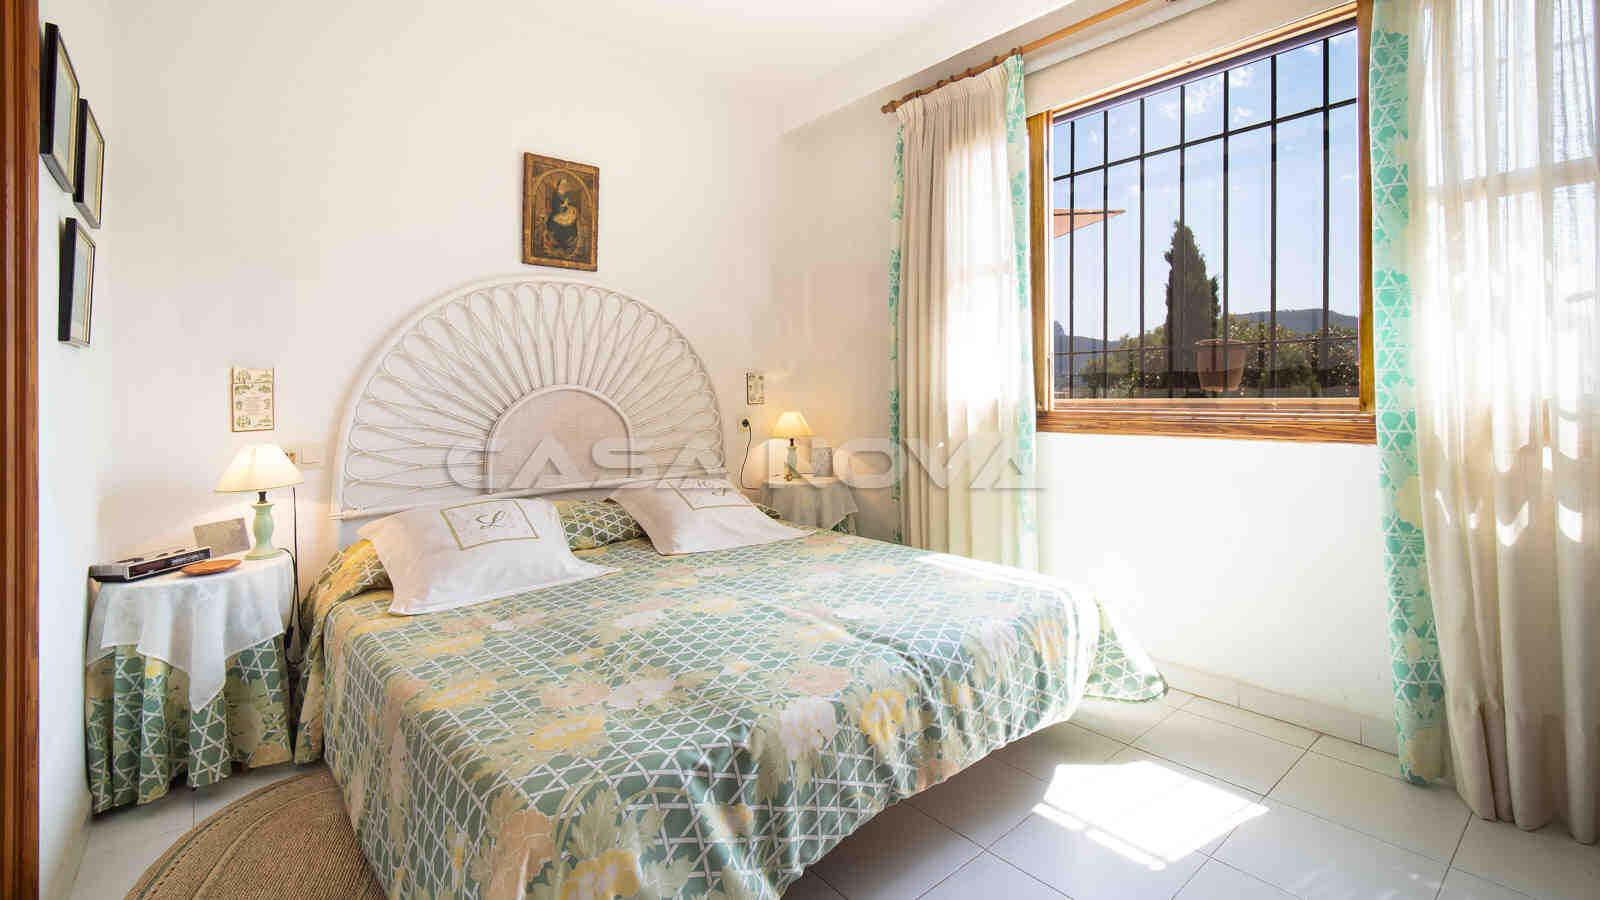 Geräumiges Doppelschlafzimmer mit schönem Blick